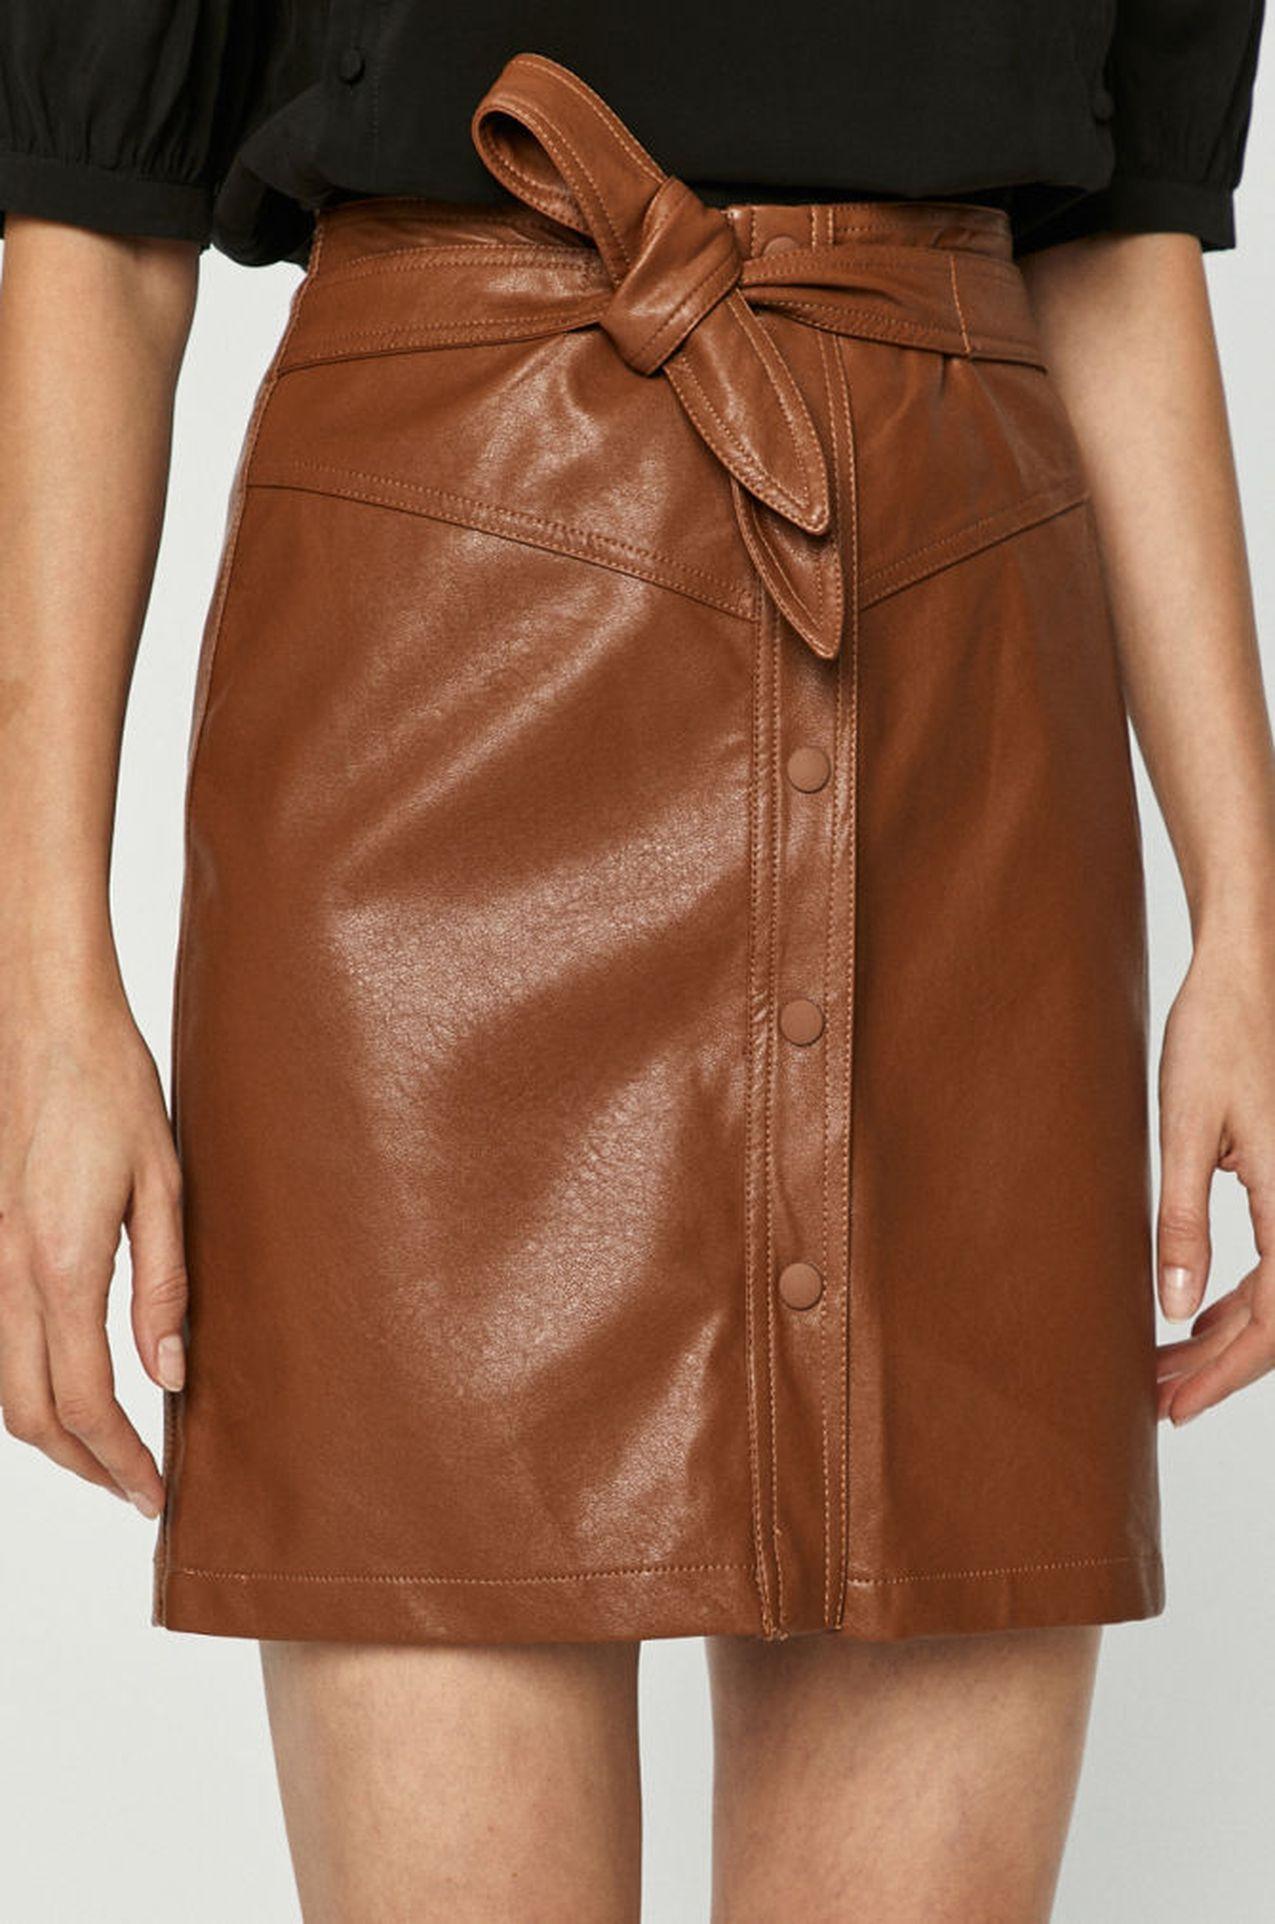 Karmelowa spódnica ze skóry